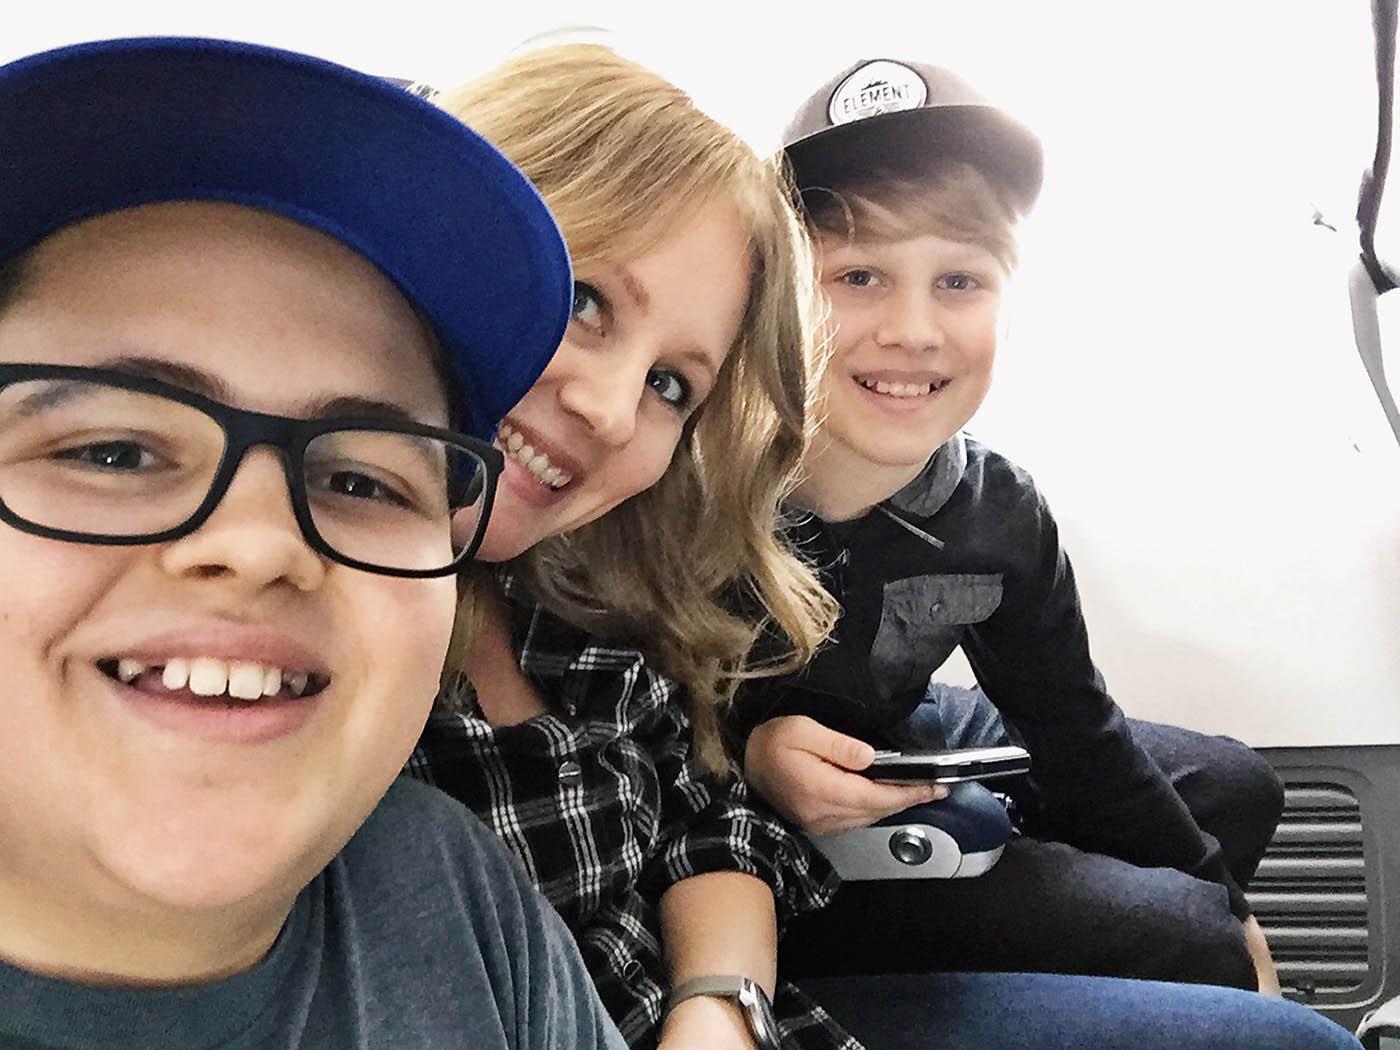 DC trip with older kids - part 1 at allfortheboys.com